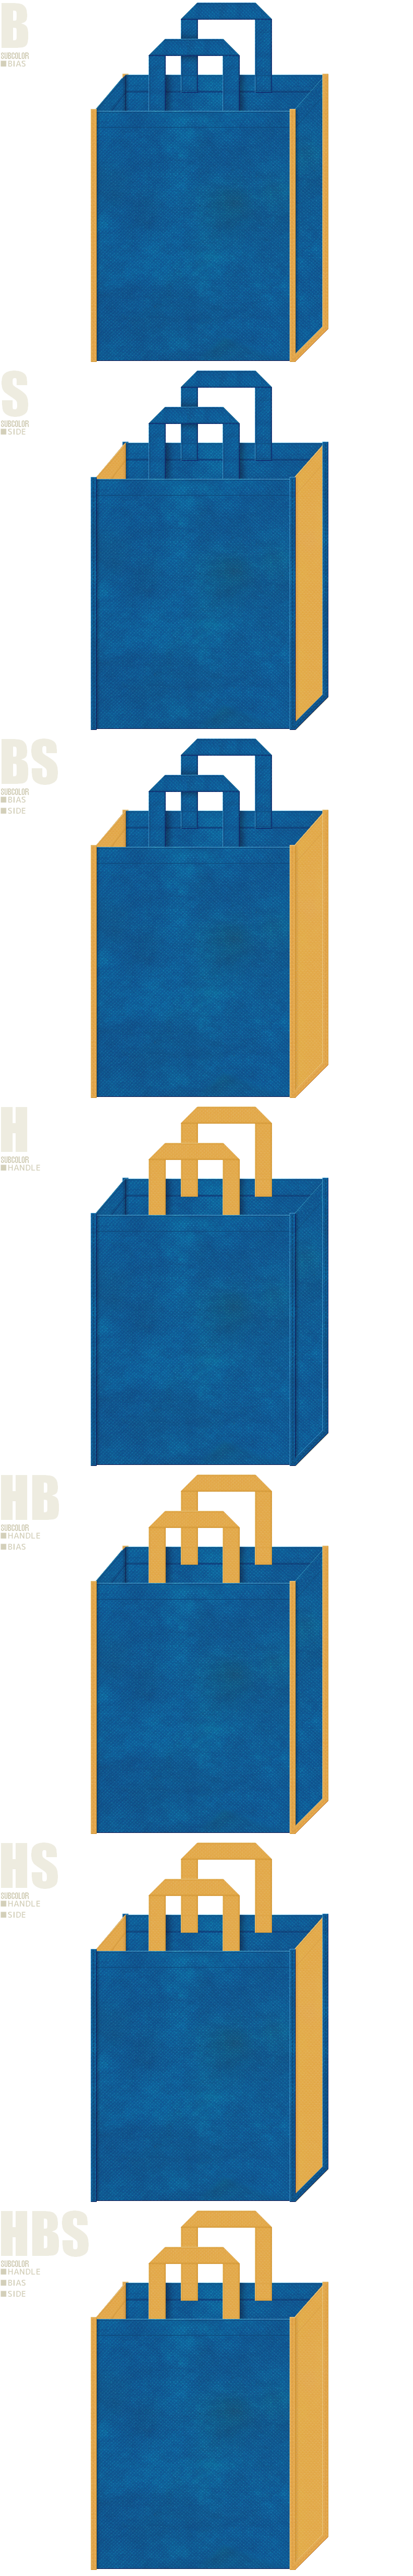 絵本・おとぎ話・テーマパーク・オンラインゲーム・ロールプレイングゲームの展示会用バッグにお奨めの不織布バッグデザイン:青色と黄土色の配色7パターン